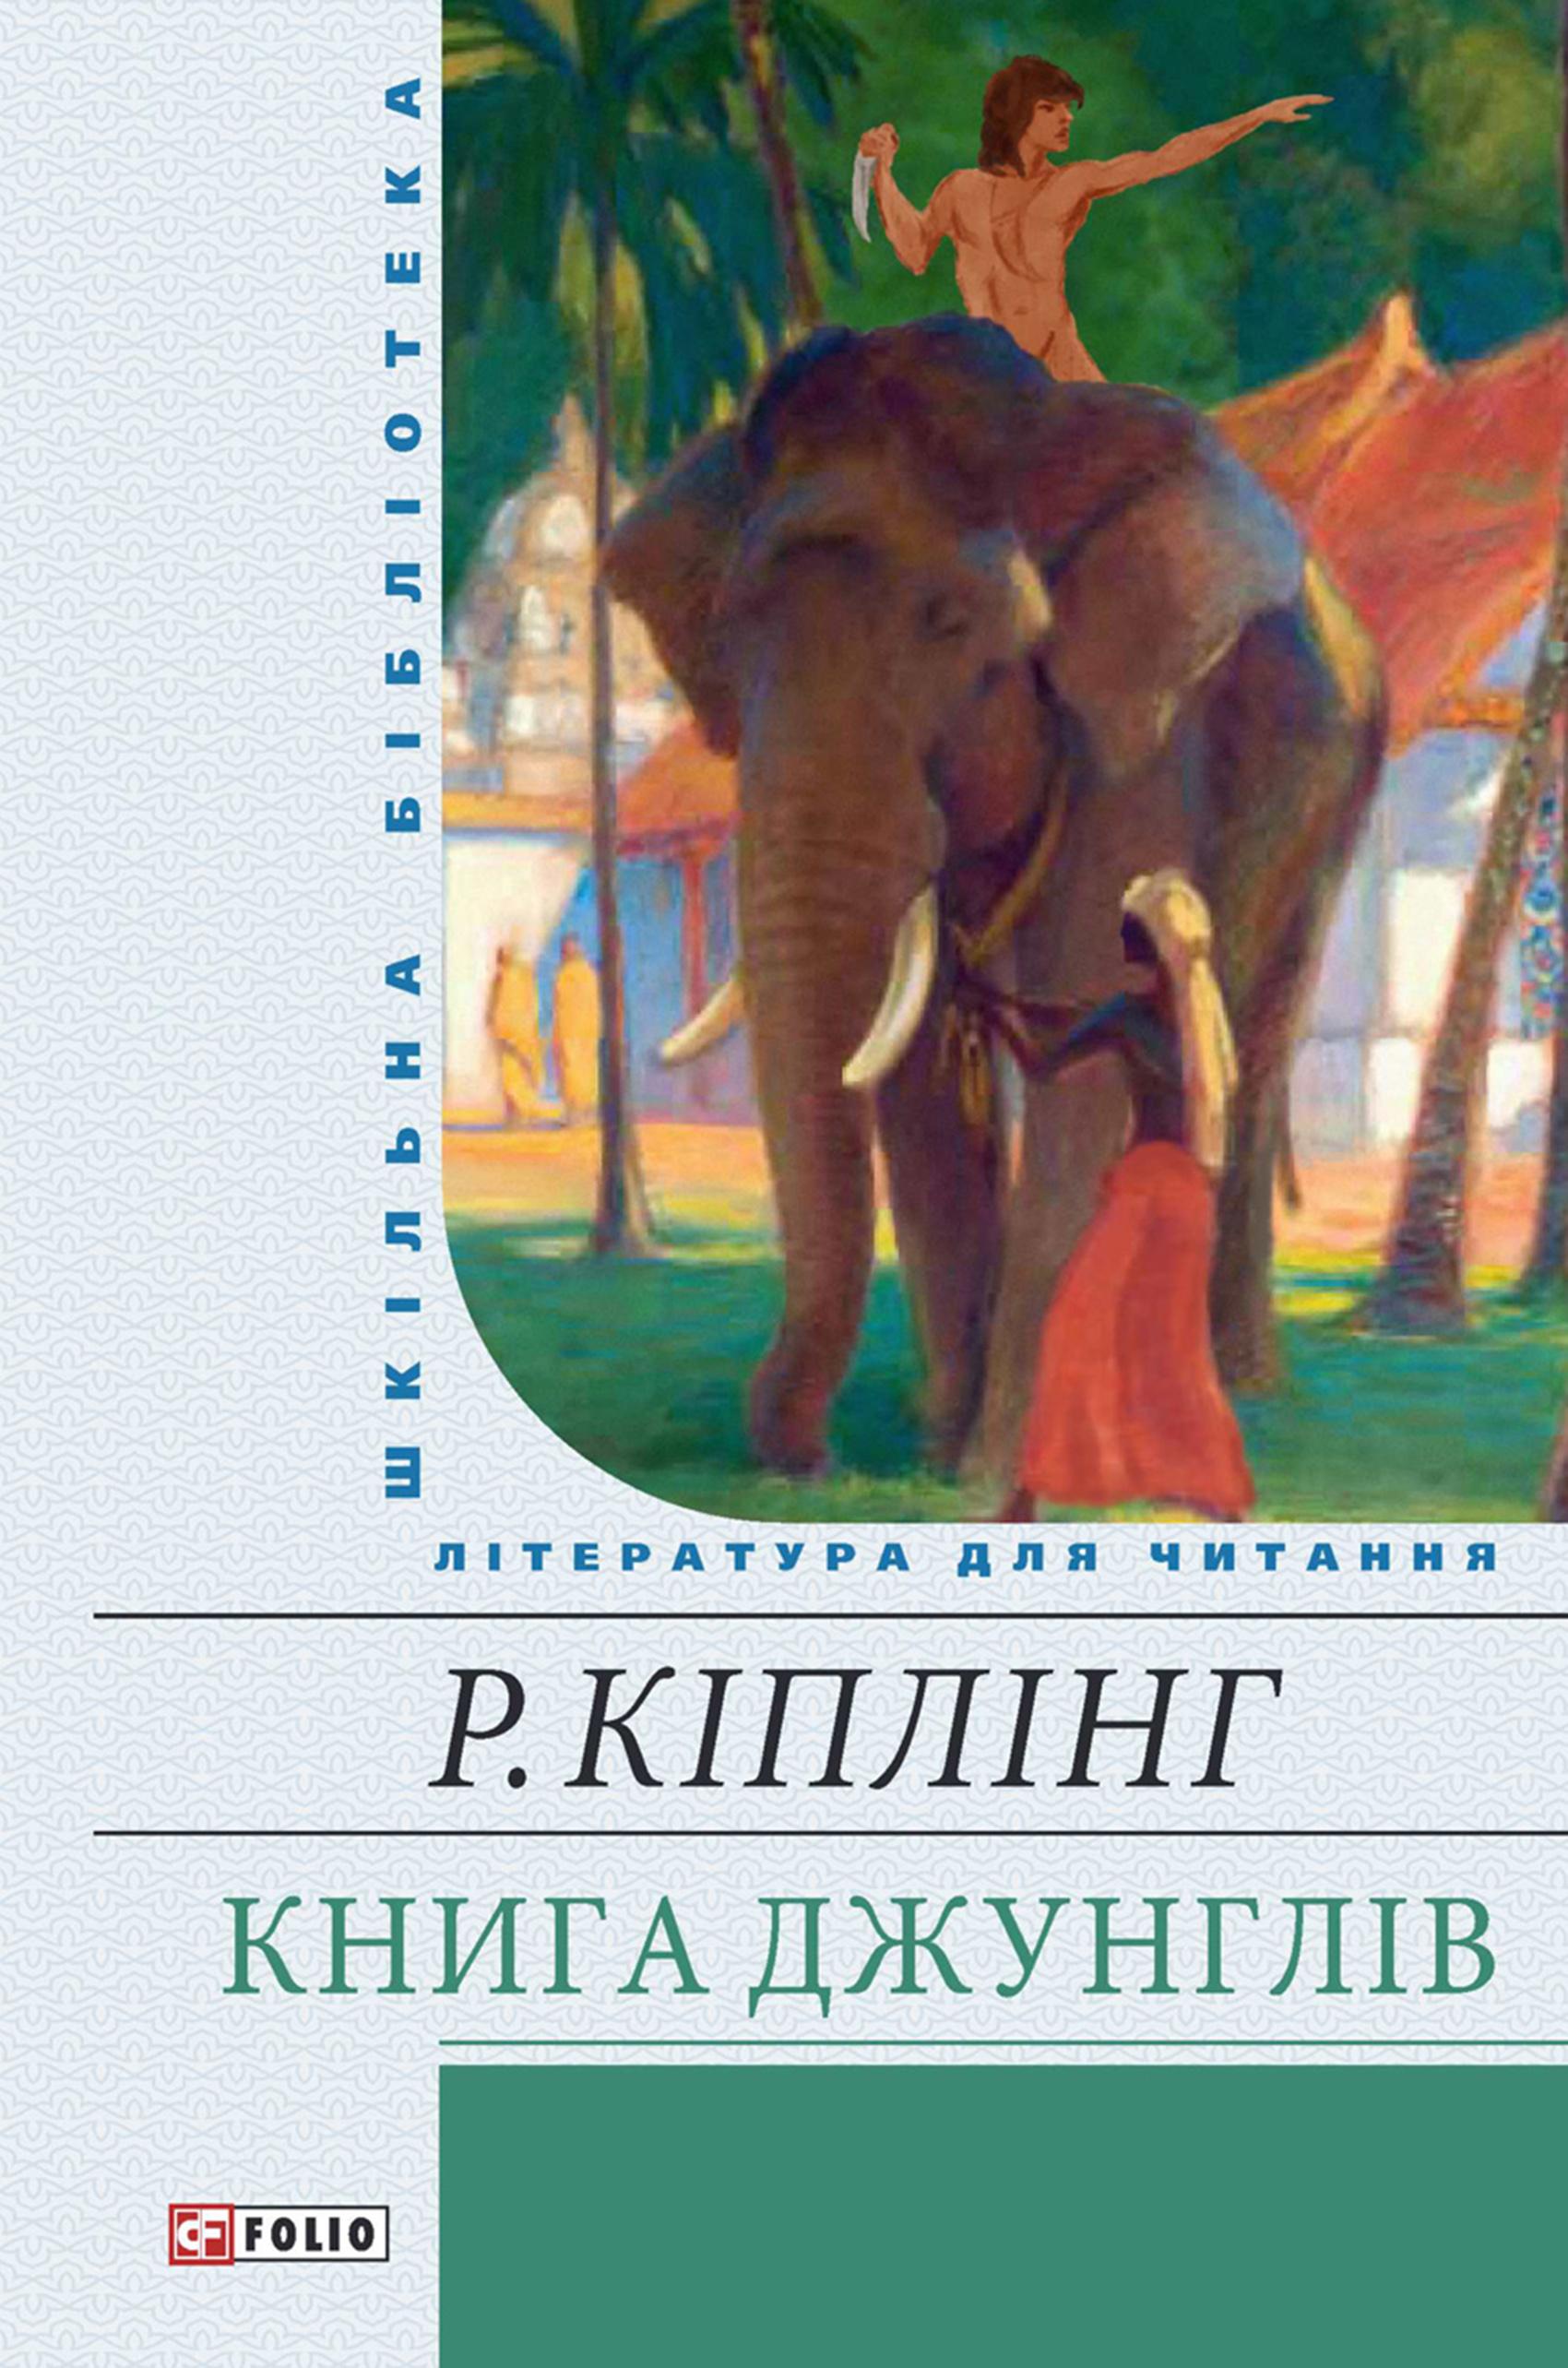 Редьярд Кіплінґ Книга джунглей